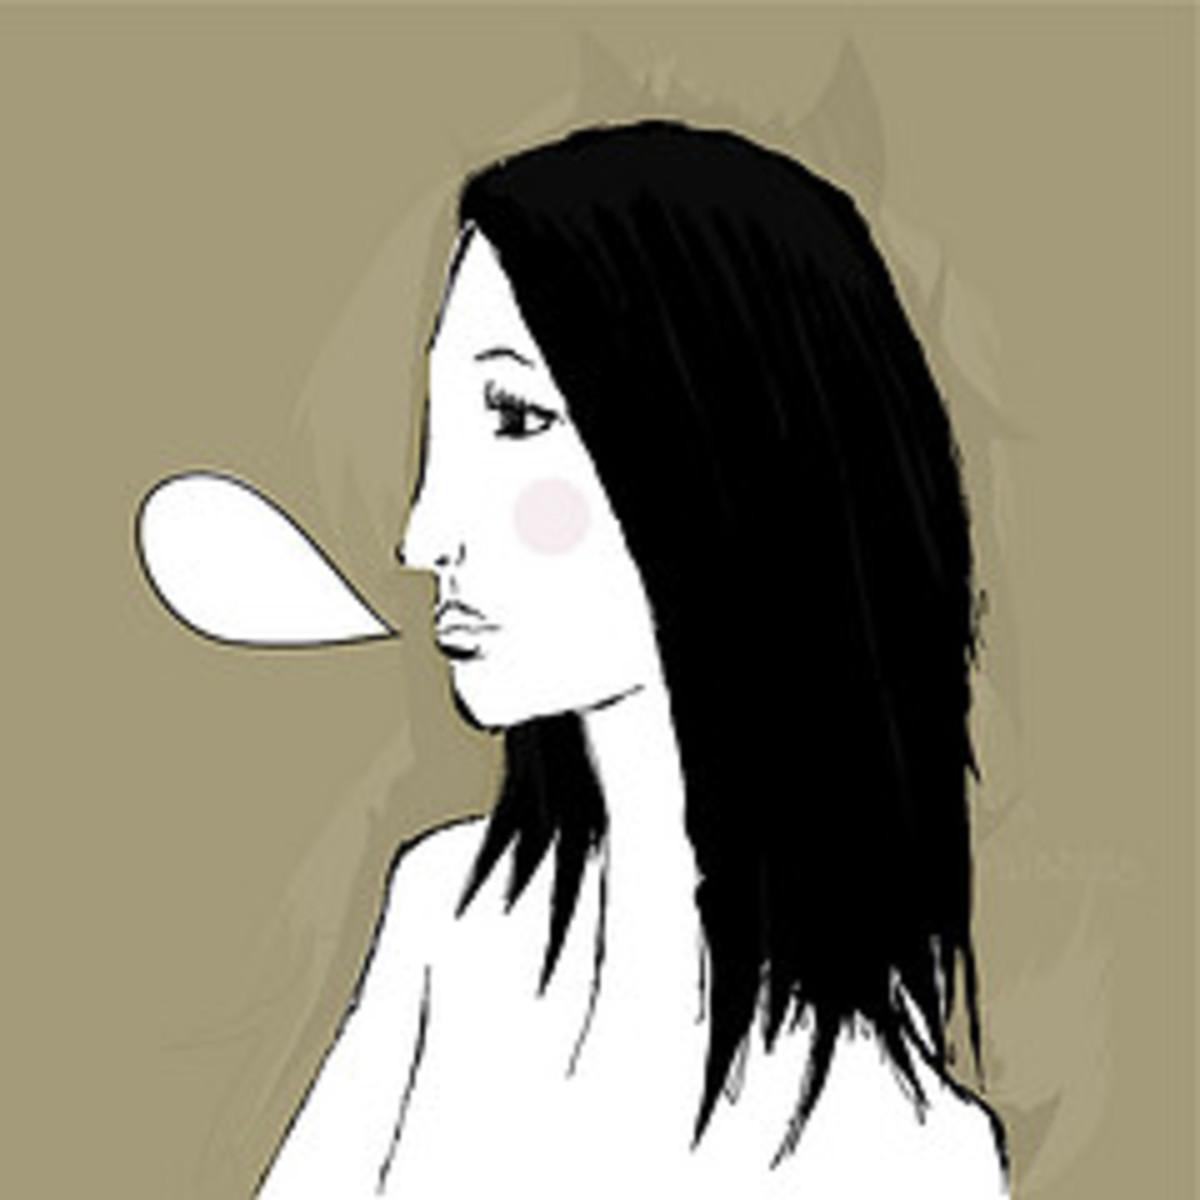 Tristeza, or Sadness